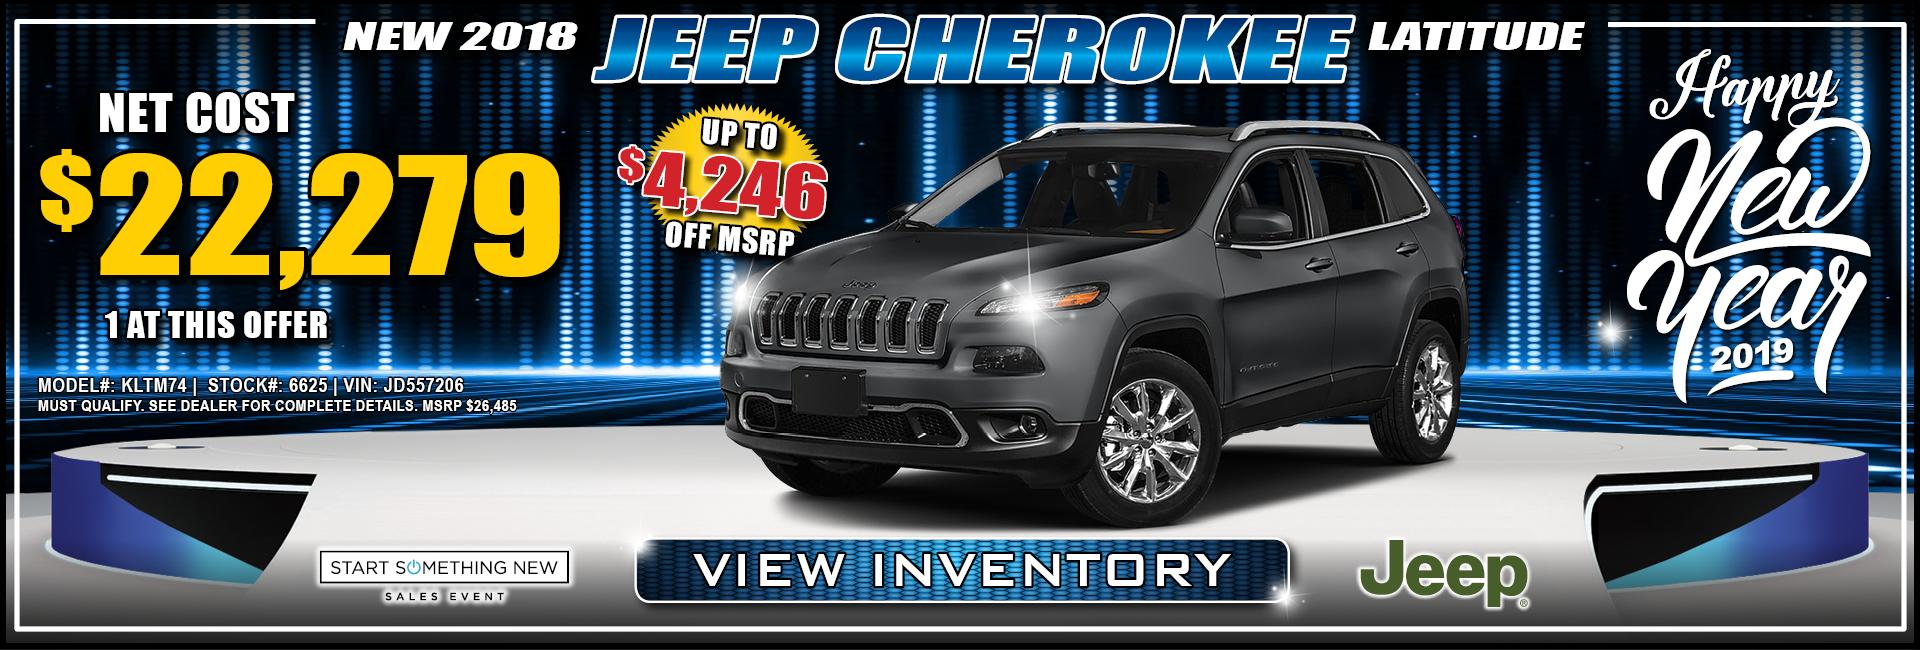 Jeep Cherokee $22,279